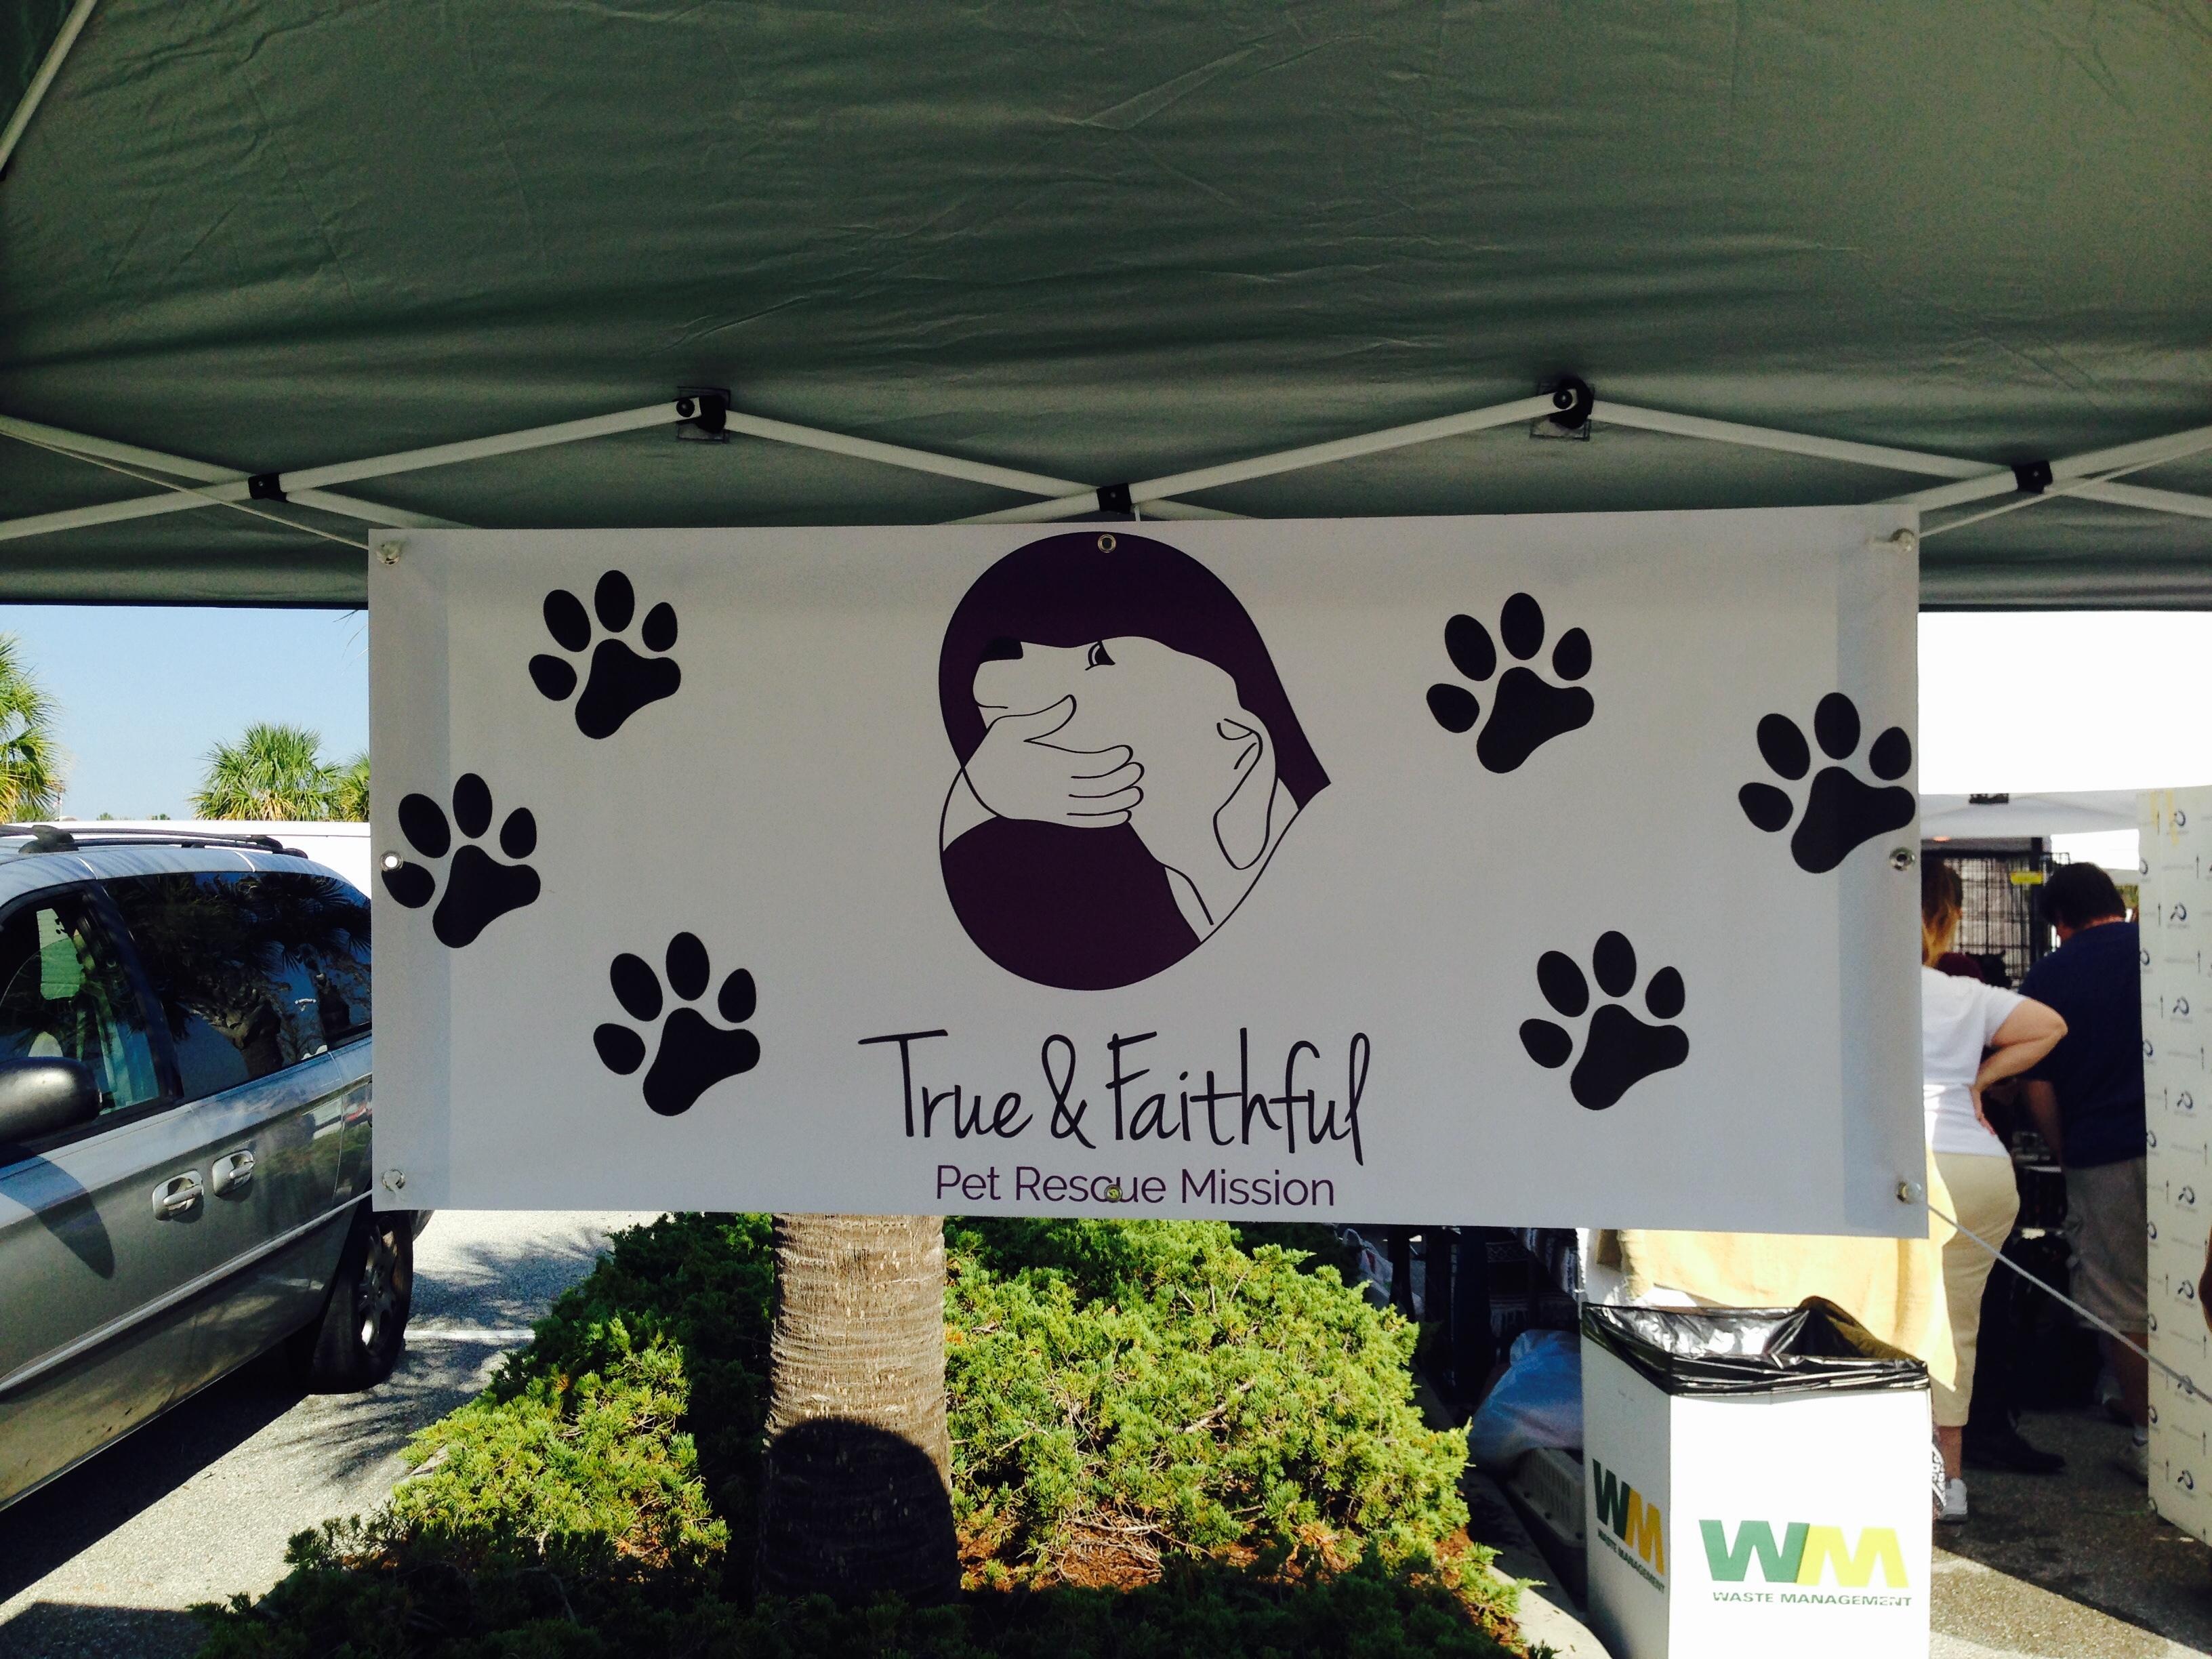 True & Faithful Pet Rescue Mission,Inc